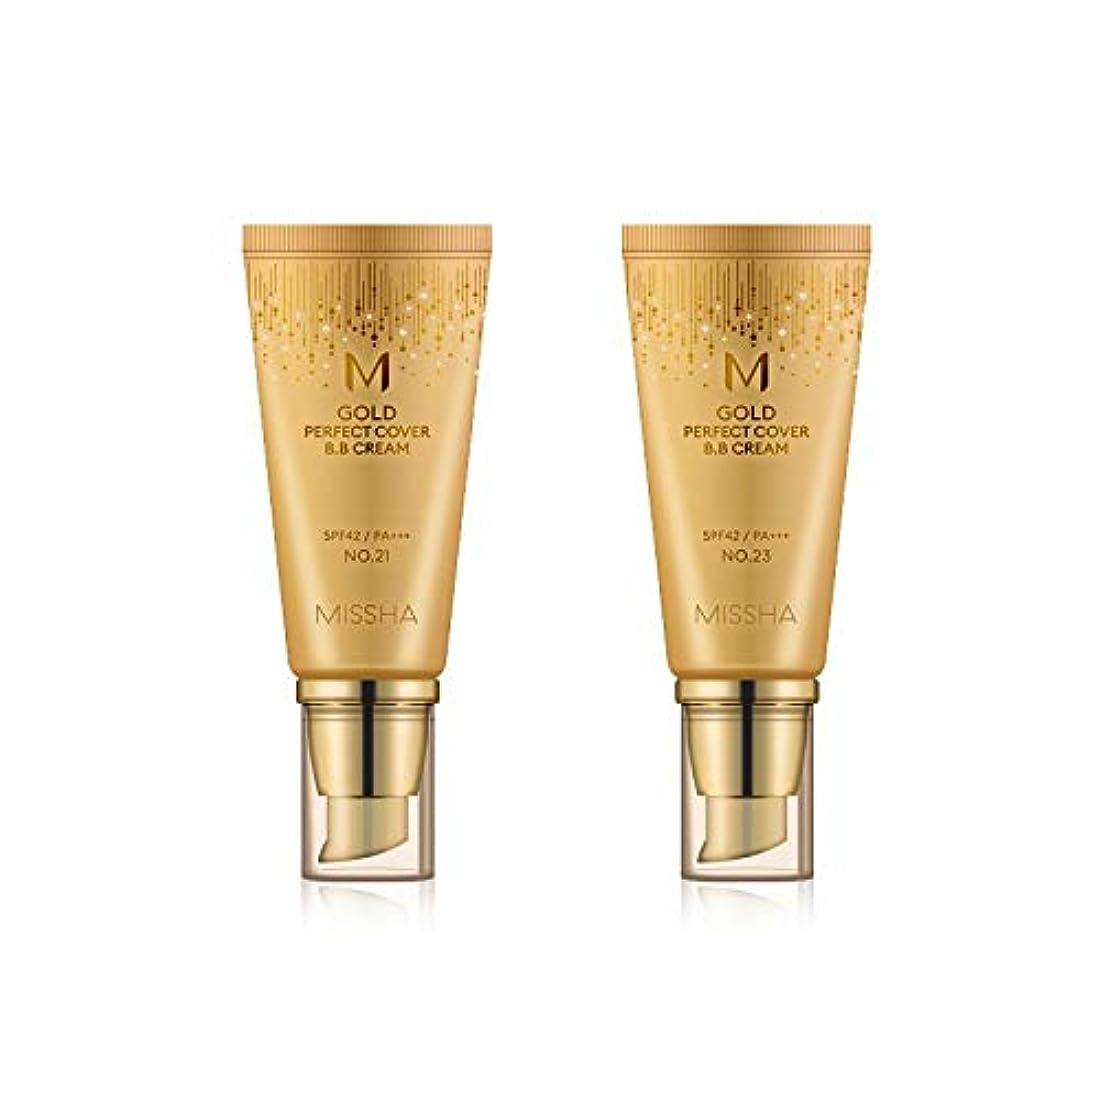 小説家ペンダントサスペンドMISSHA Gold Perfecte Cover BB Cream SPF42 PA+++ / ミシャ ゴールド パーフェクト カバー BBクリーム 50ml *NO.23 [並行輸入品]